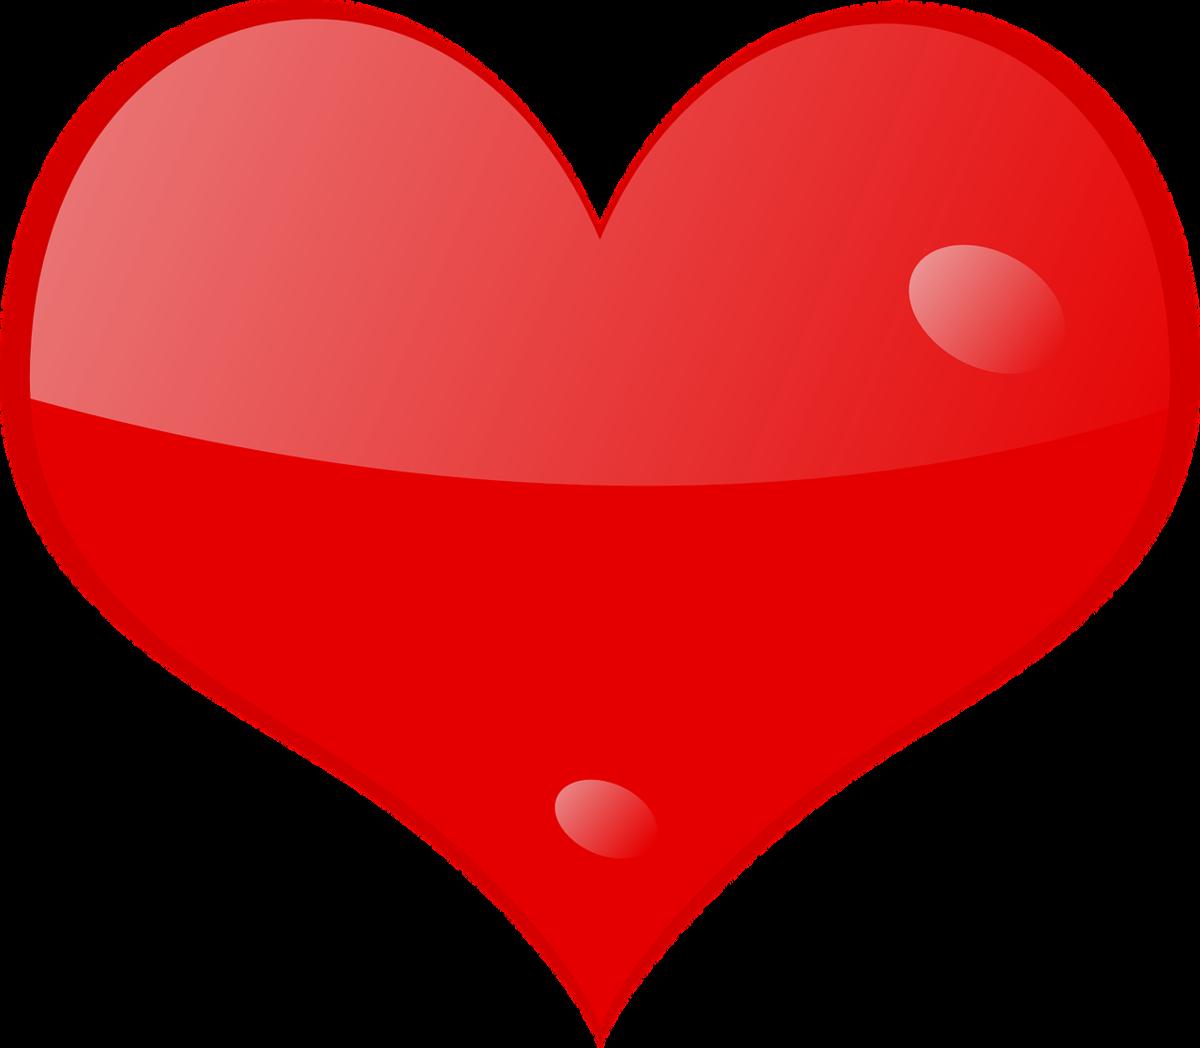 Картинка сердце простое